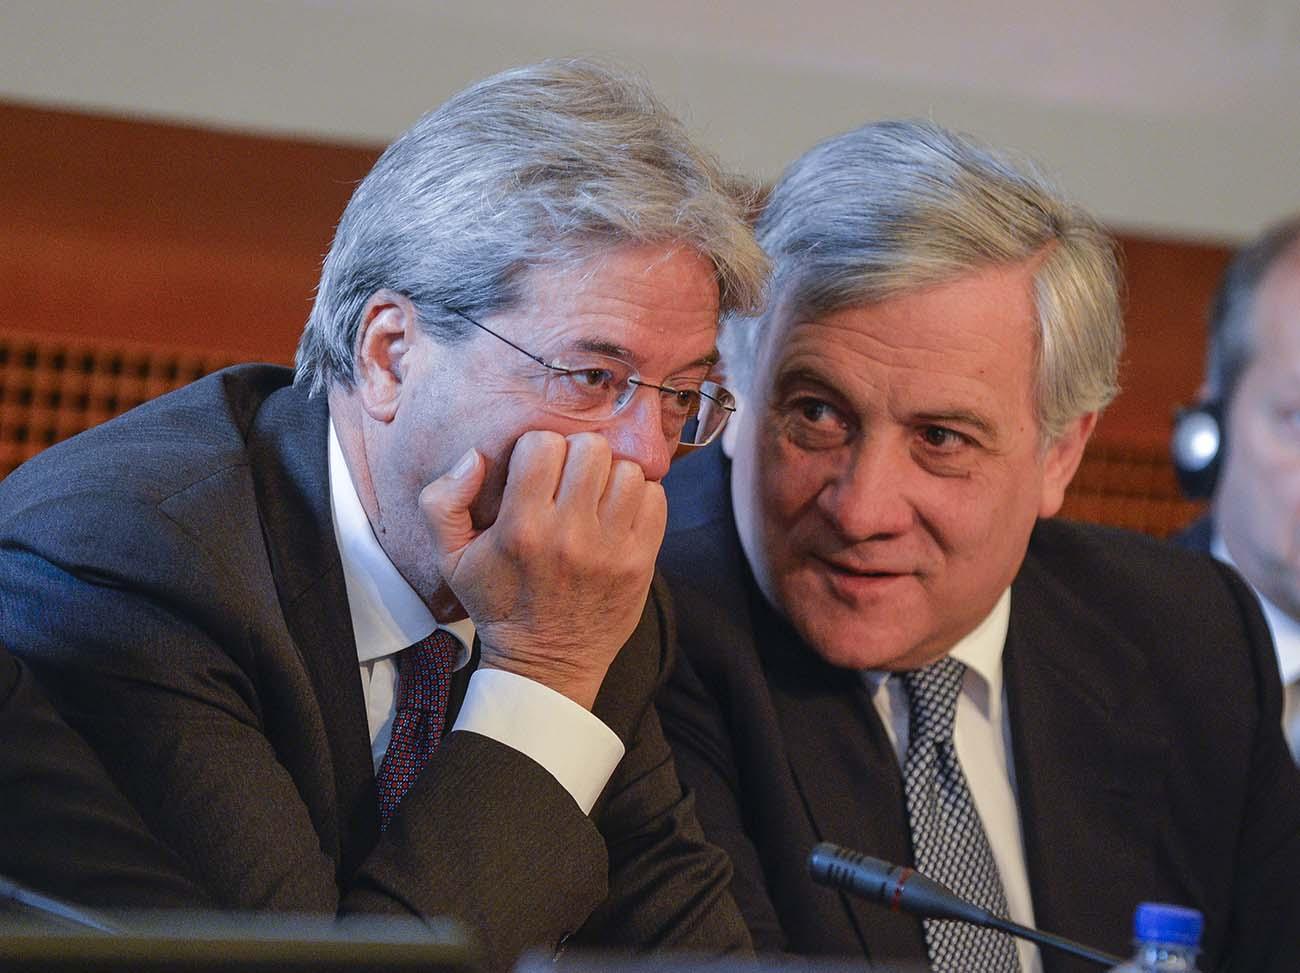 Paolo Gentiloni, Antonio Tajani